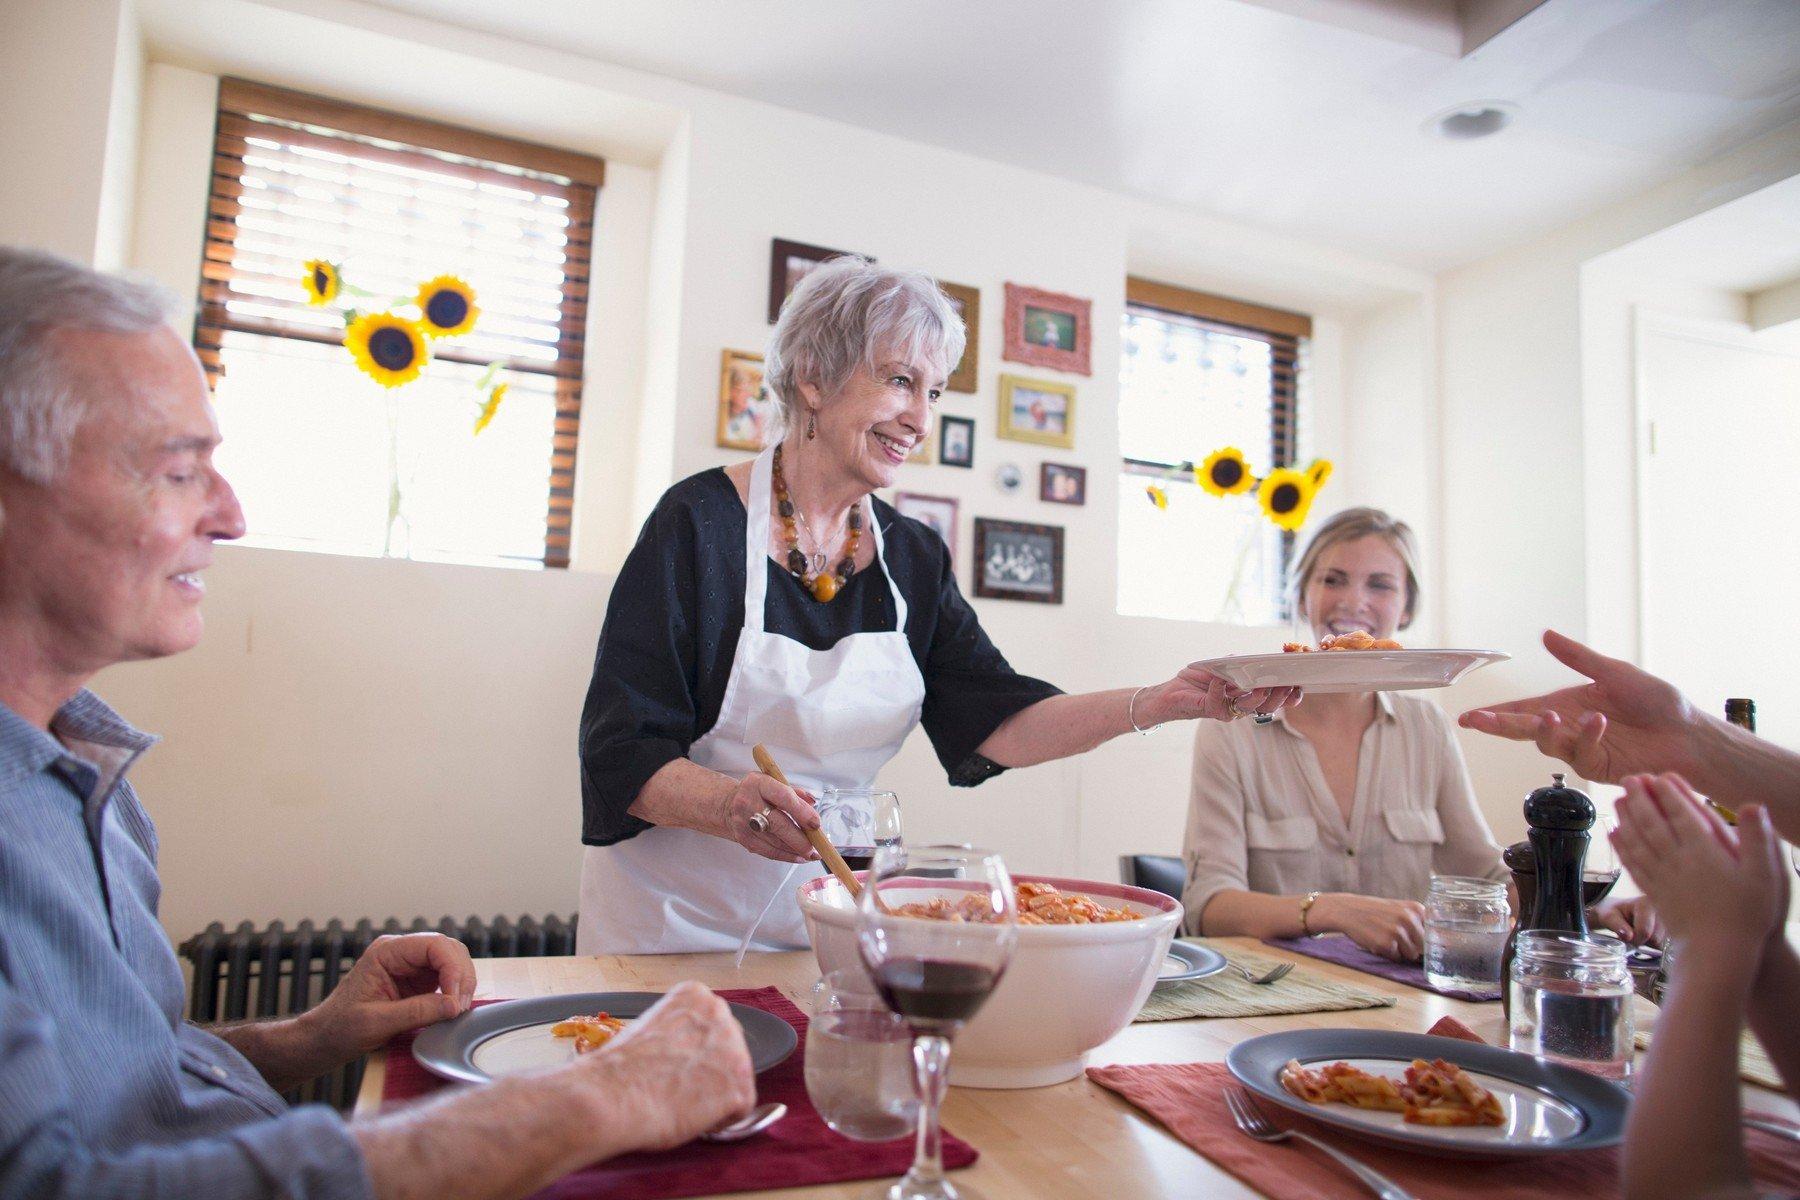 Žena servíruje rodinnou večeři